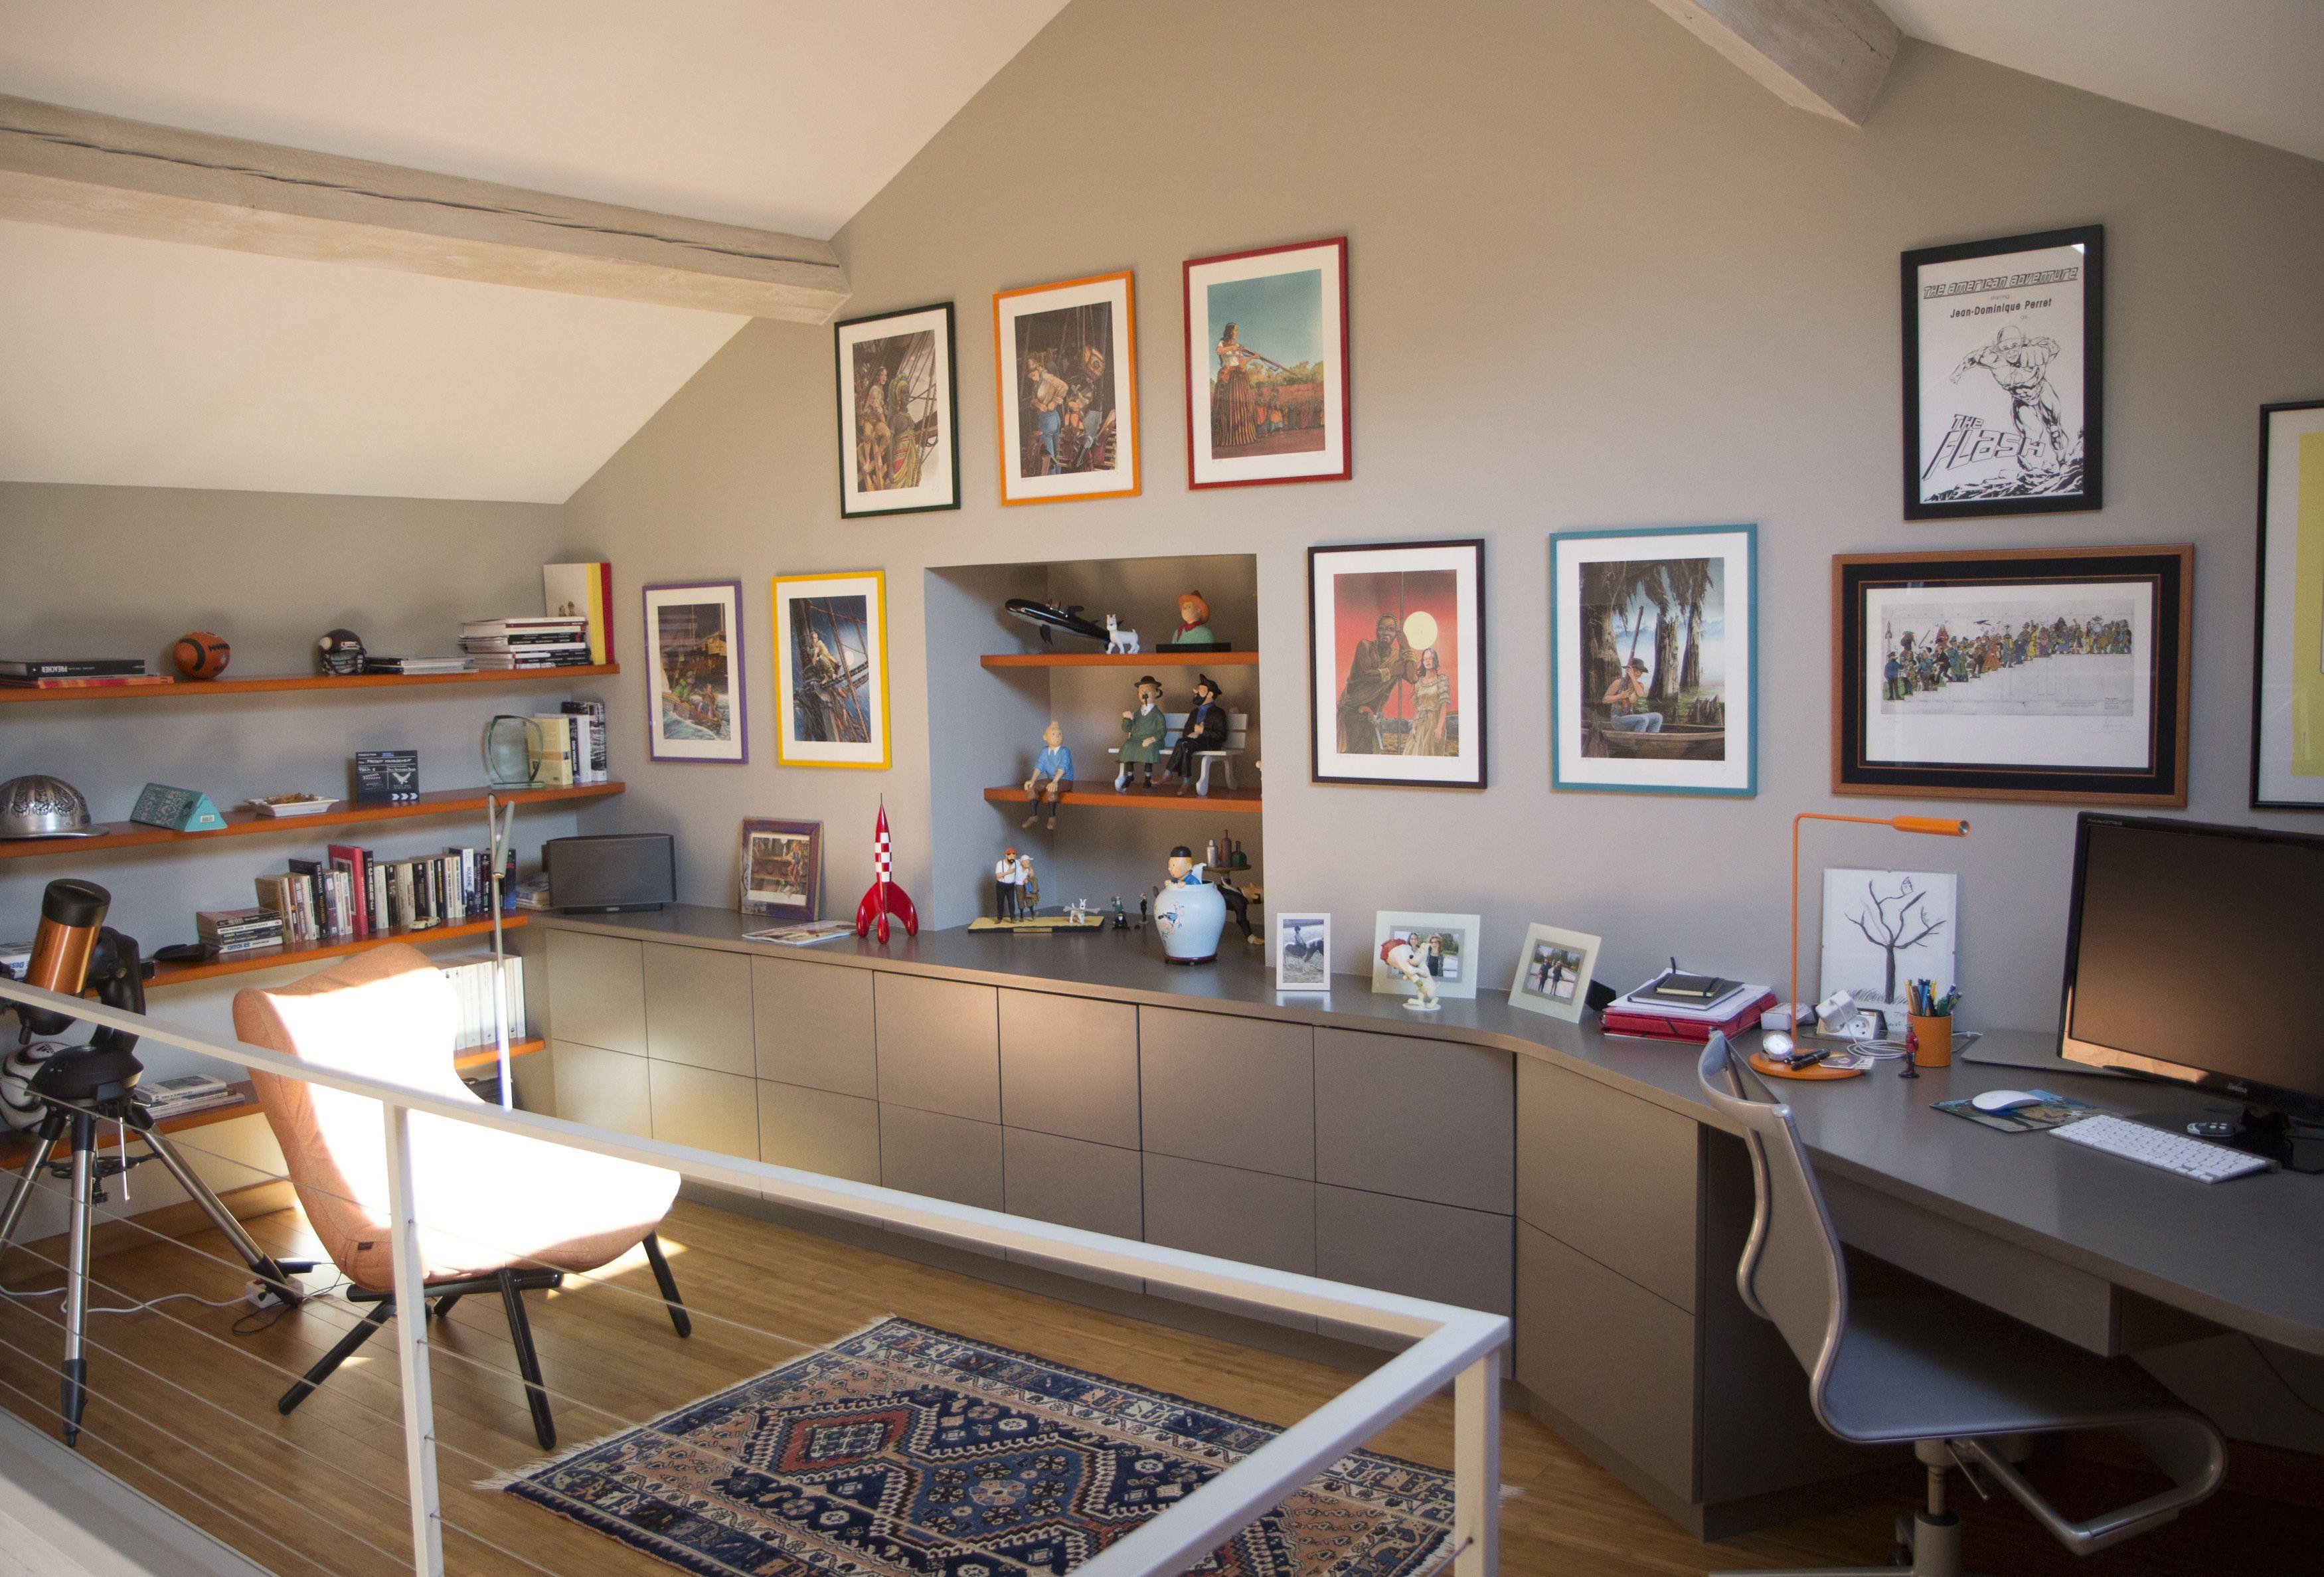 Renovation Mezzanine Maison De Campagne Espace Bureau Bd Meuble Sur Mesure Valchromat Gris Poutre Sous Pente Maison Maison De Campagne Mobilier De Salon